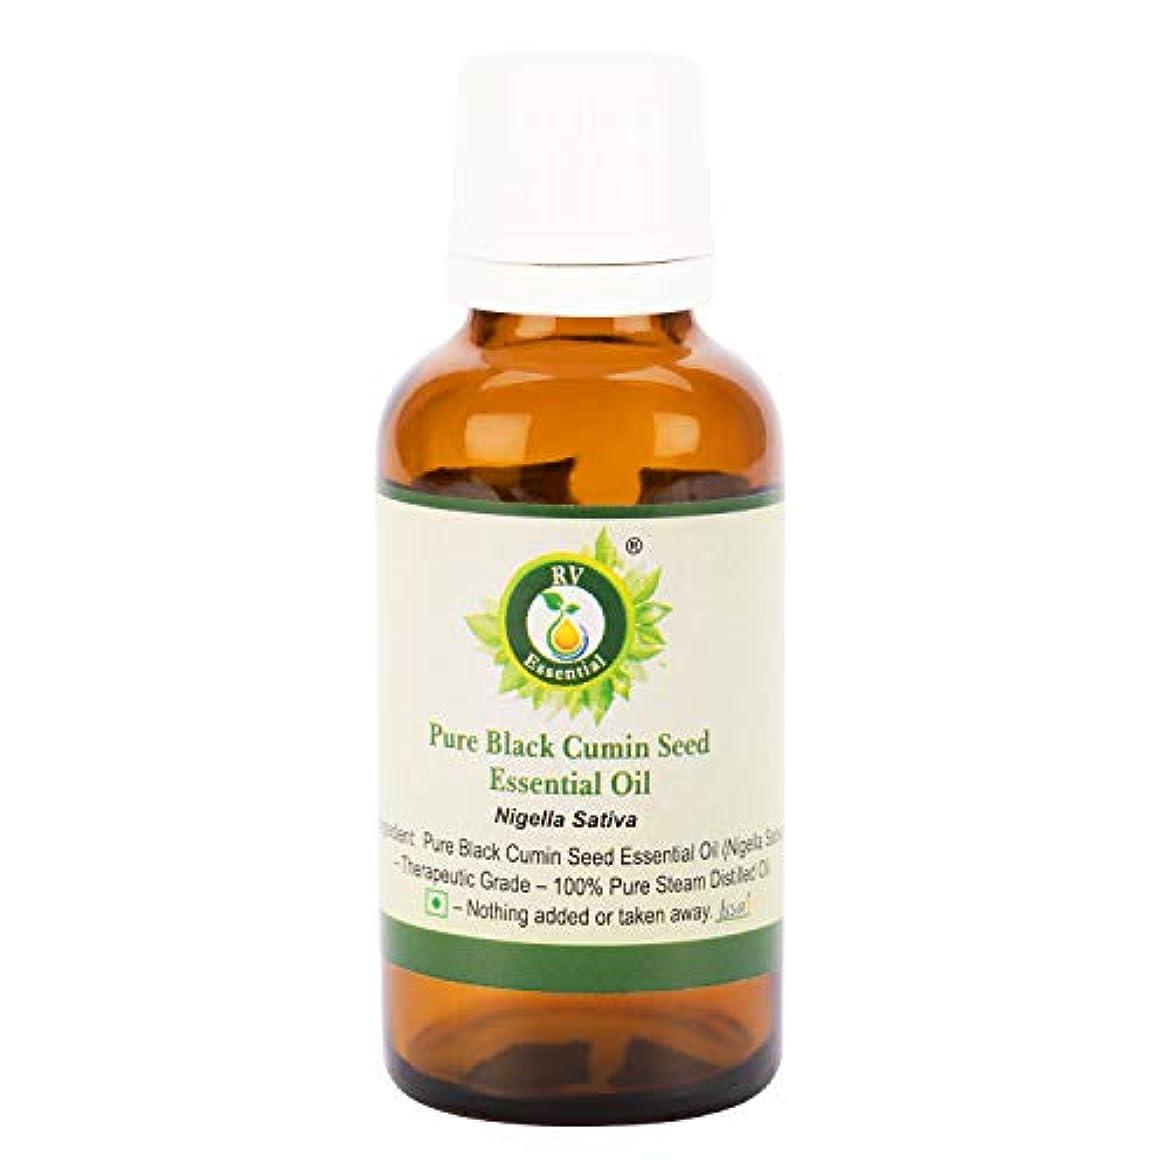 重大レインコート合理的ピュアブラッククミンシードエッセンシャルオイル5ml (0.169oz)- Nigella Sativa (100%純粋&天然スチームDistilled) Pure Black Cumin Seed Essential...